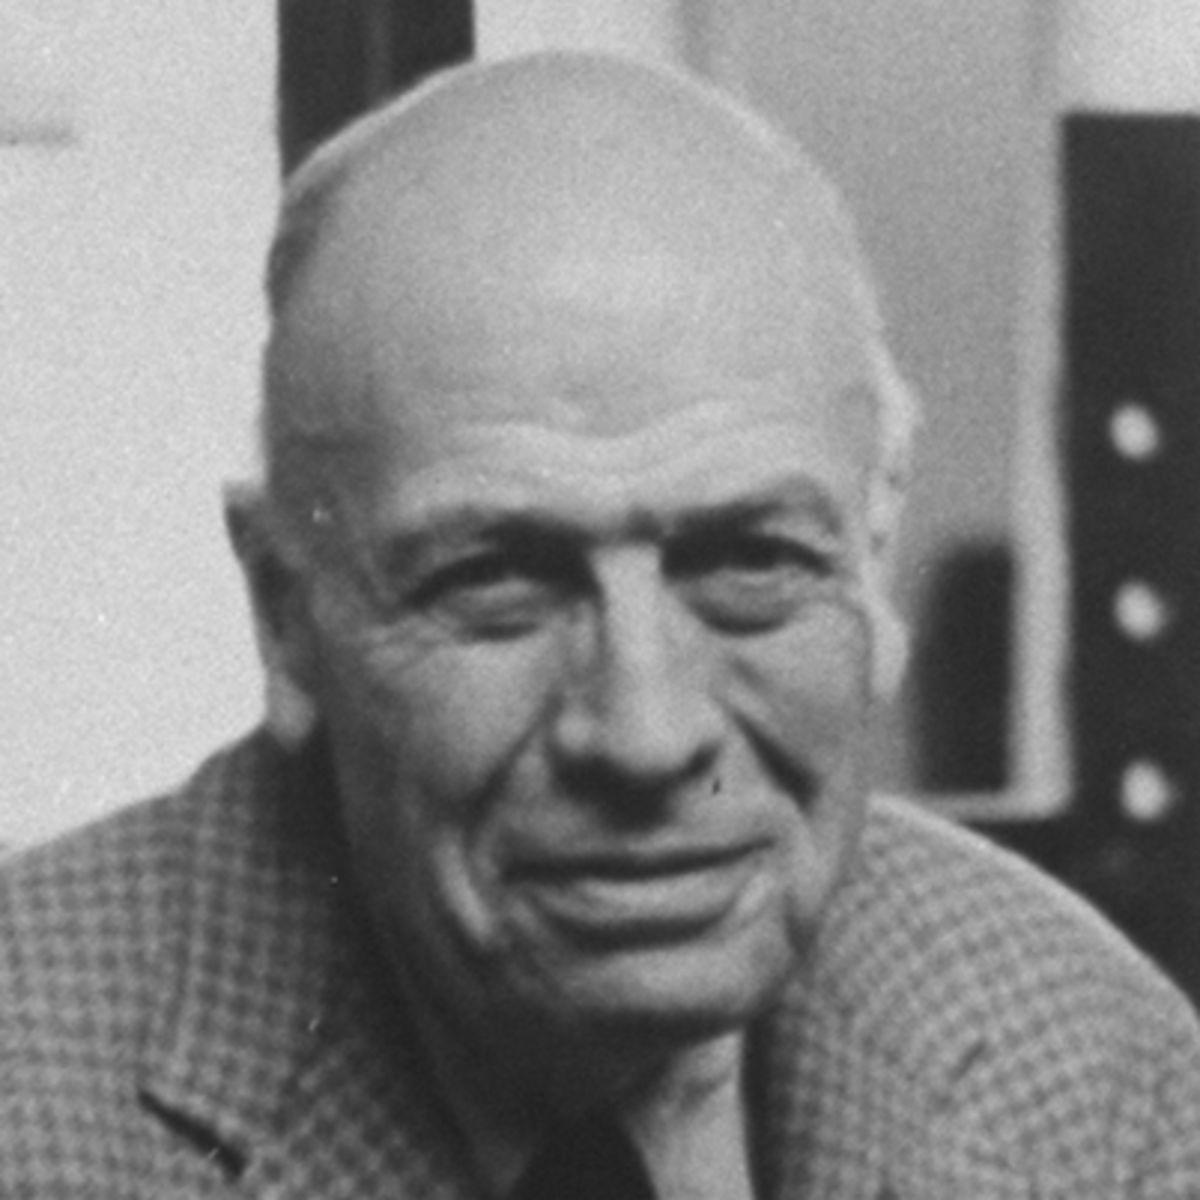 Meet Painter Edward Hopper Portrait